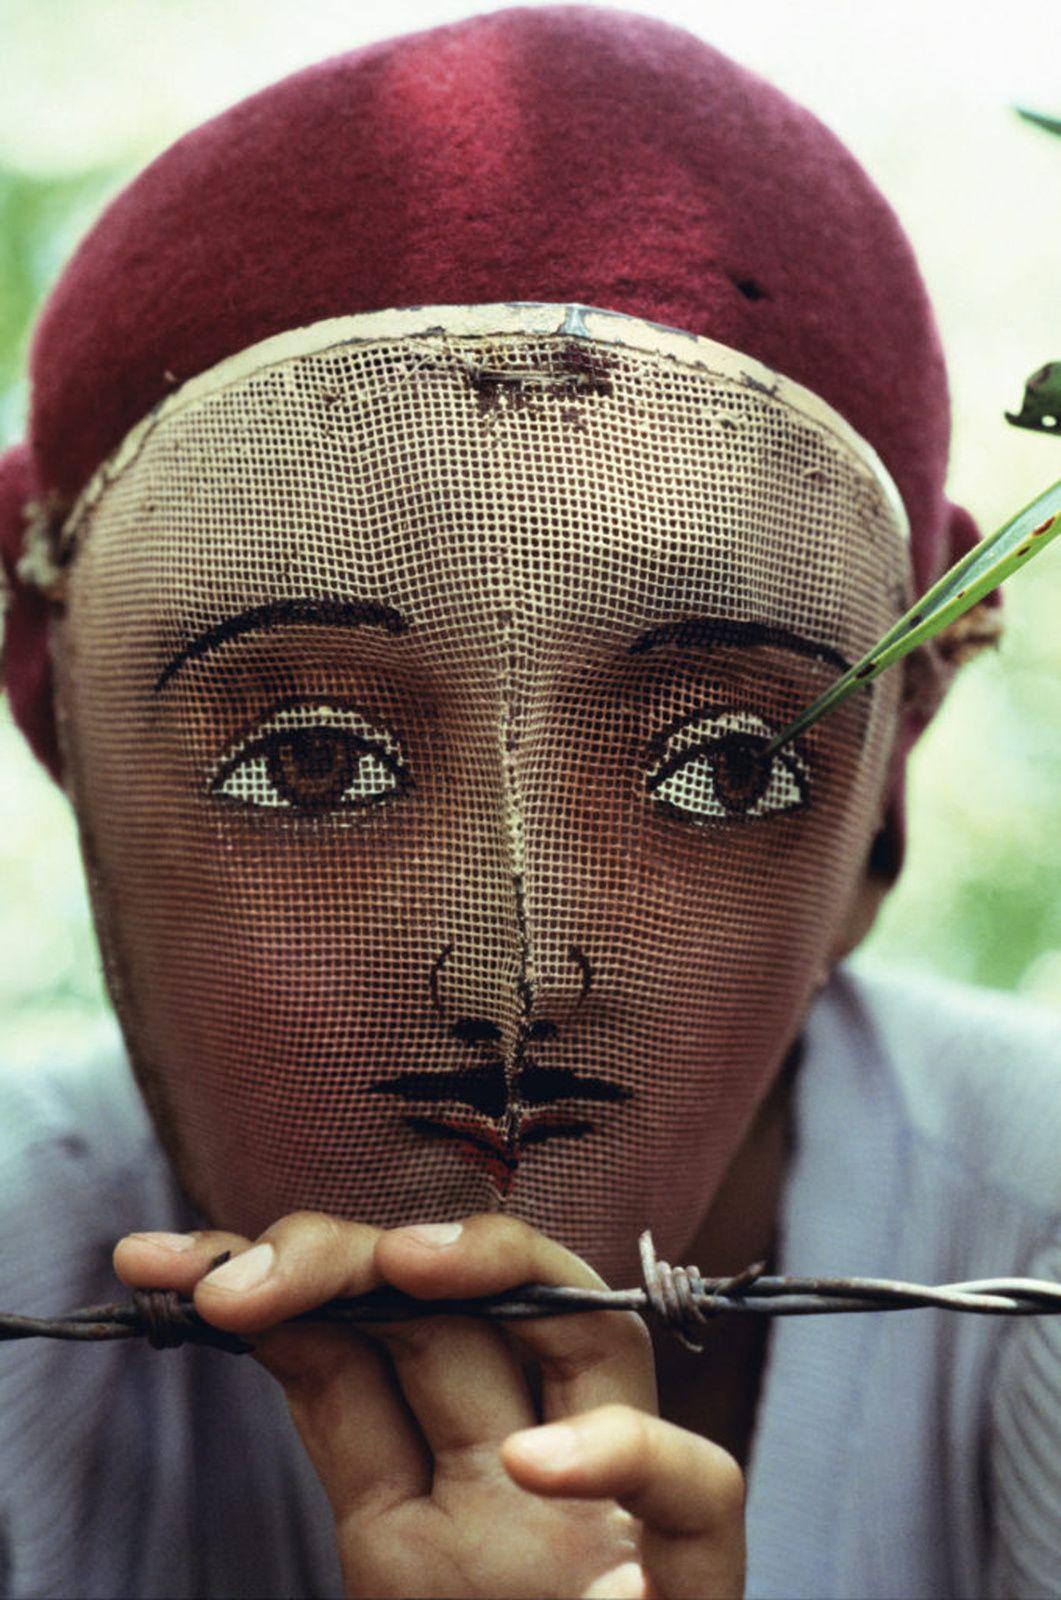 """""""Masque traditionnel utilisé lors de l'insurrection populaire, Masaya, Nicaragua"""", 1978 de Susan MEISELAS - Courtesy de l'Artiste et Magnum Photos"""